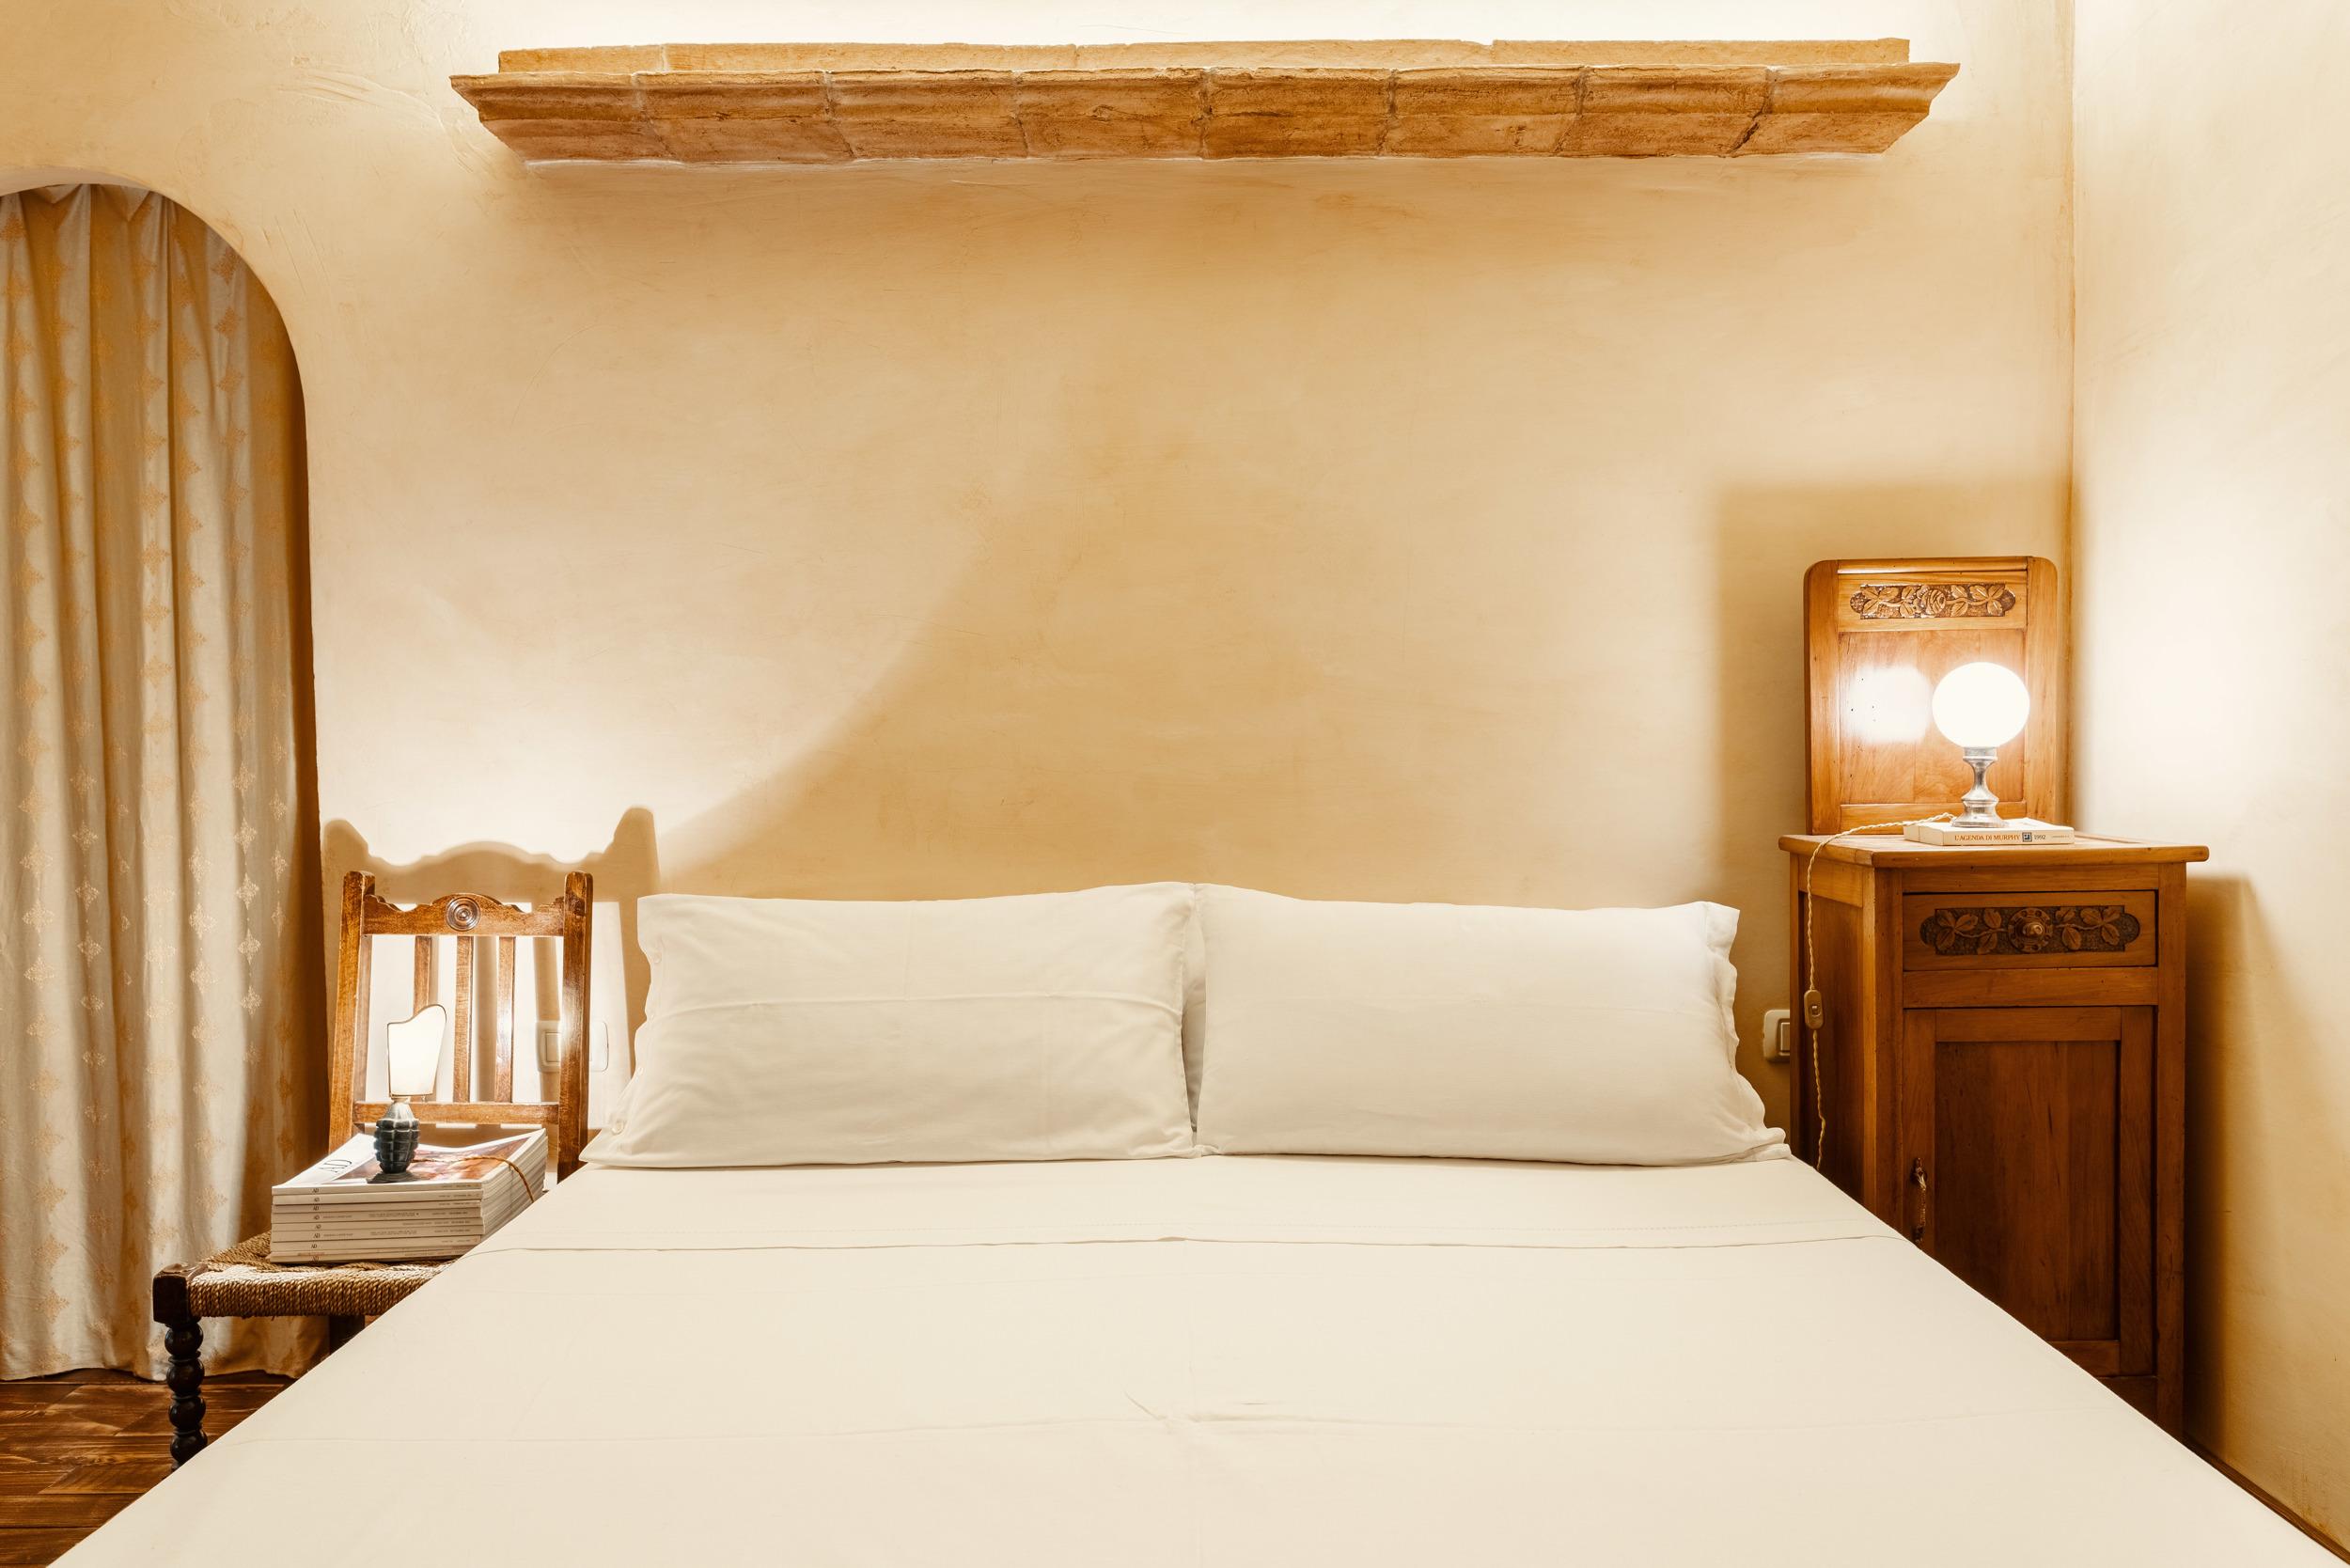 Camera da letto in stile country house con cabina armadio.